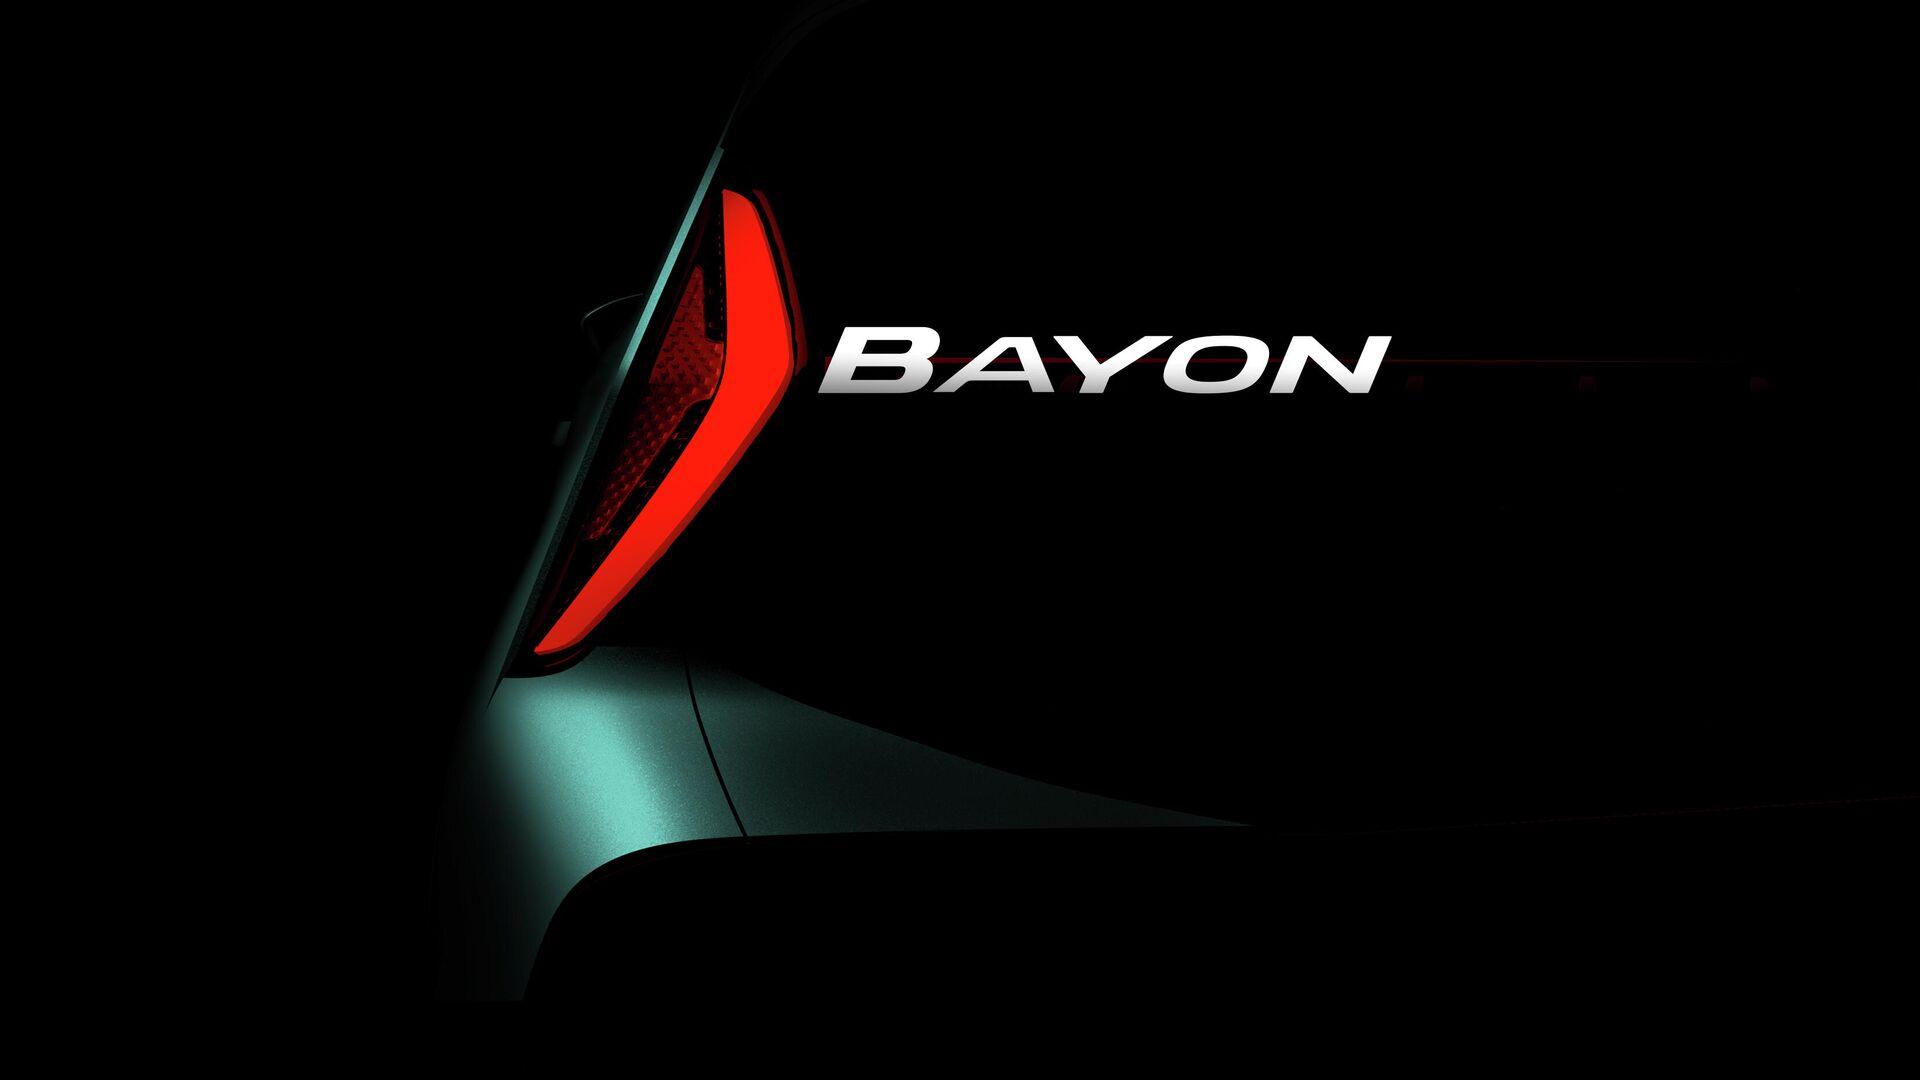 Bayon, nuevo todoterreno ligero de Hyundai - Sputnik Mundo, 1920, 27.02.2021